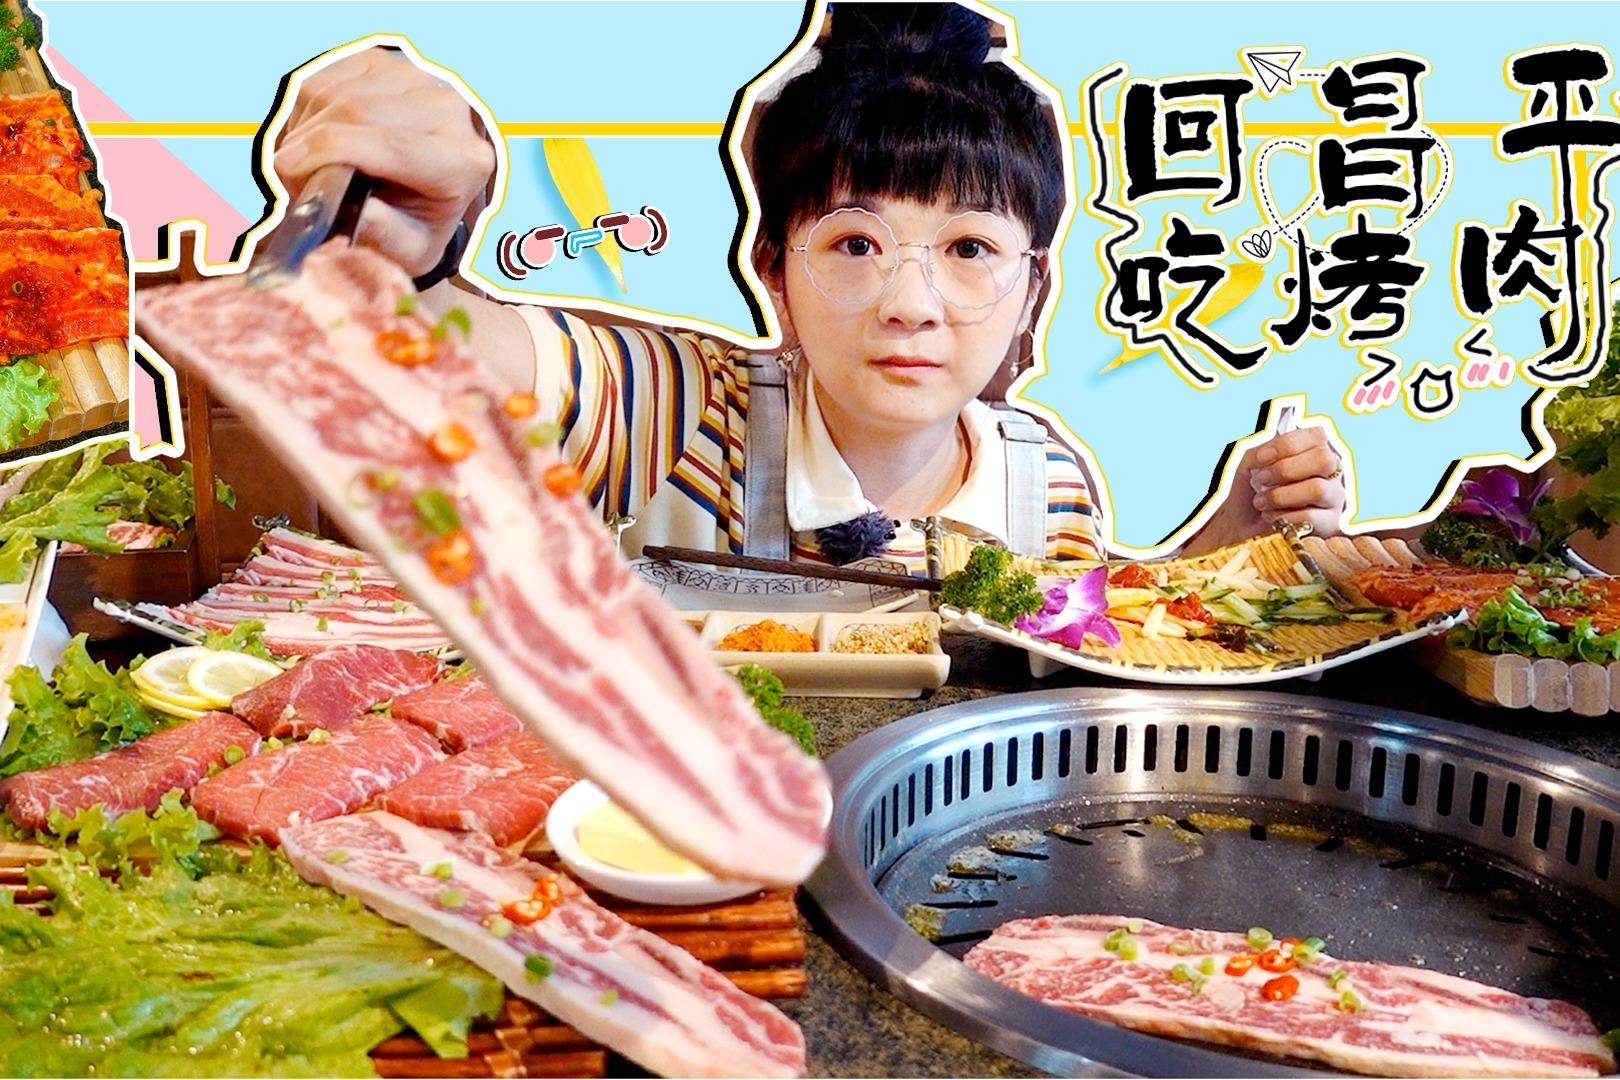 【小猪猪特能吃】大美昌平的烤肉店~整条大鱿鱼、五花肉卷生菜!